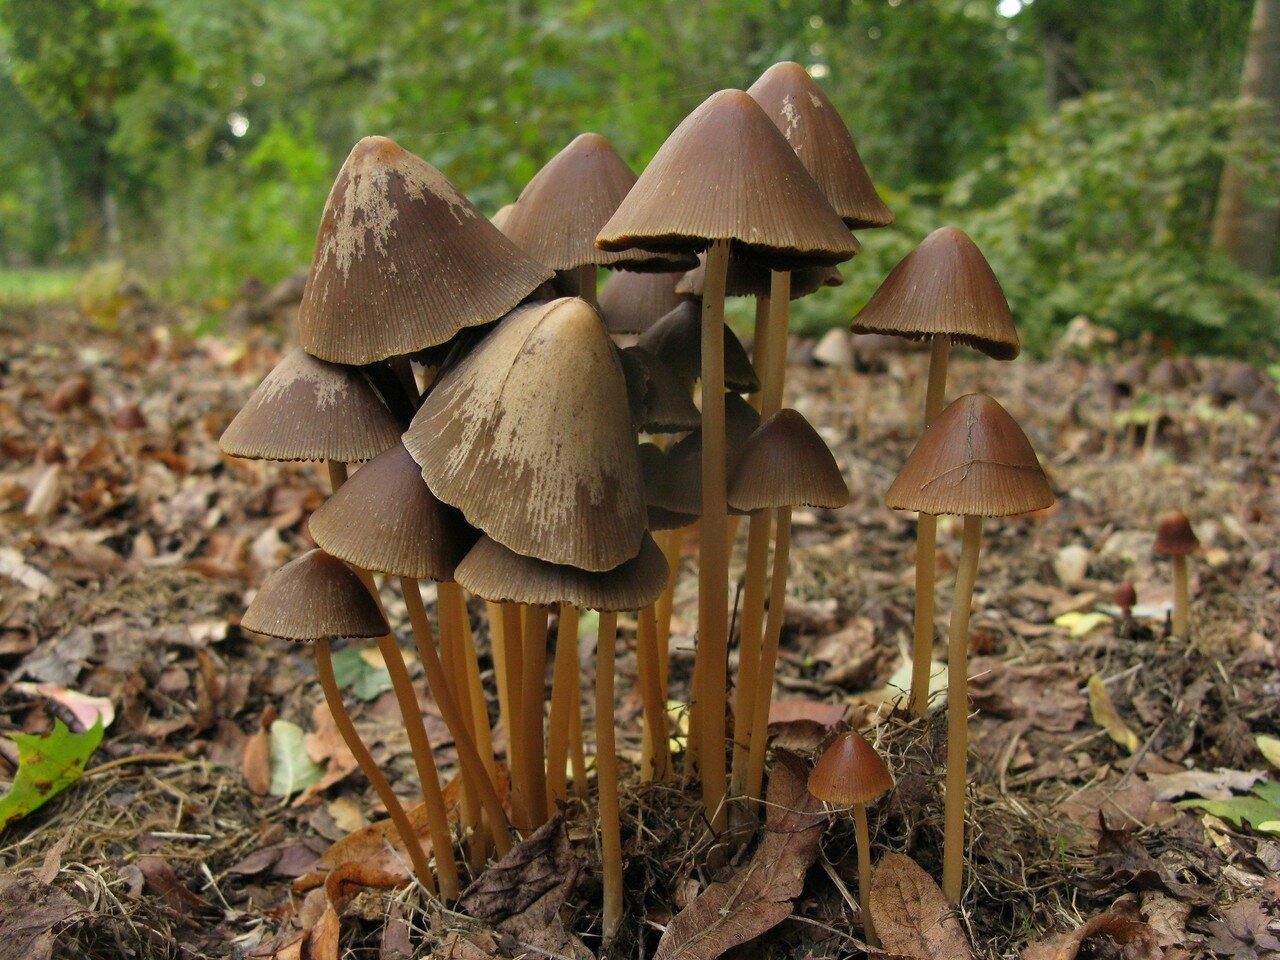 Псатирелла коническая (Psathyrella conopilus f. conopilus) Автор фото: Станислав Кривошеев